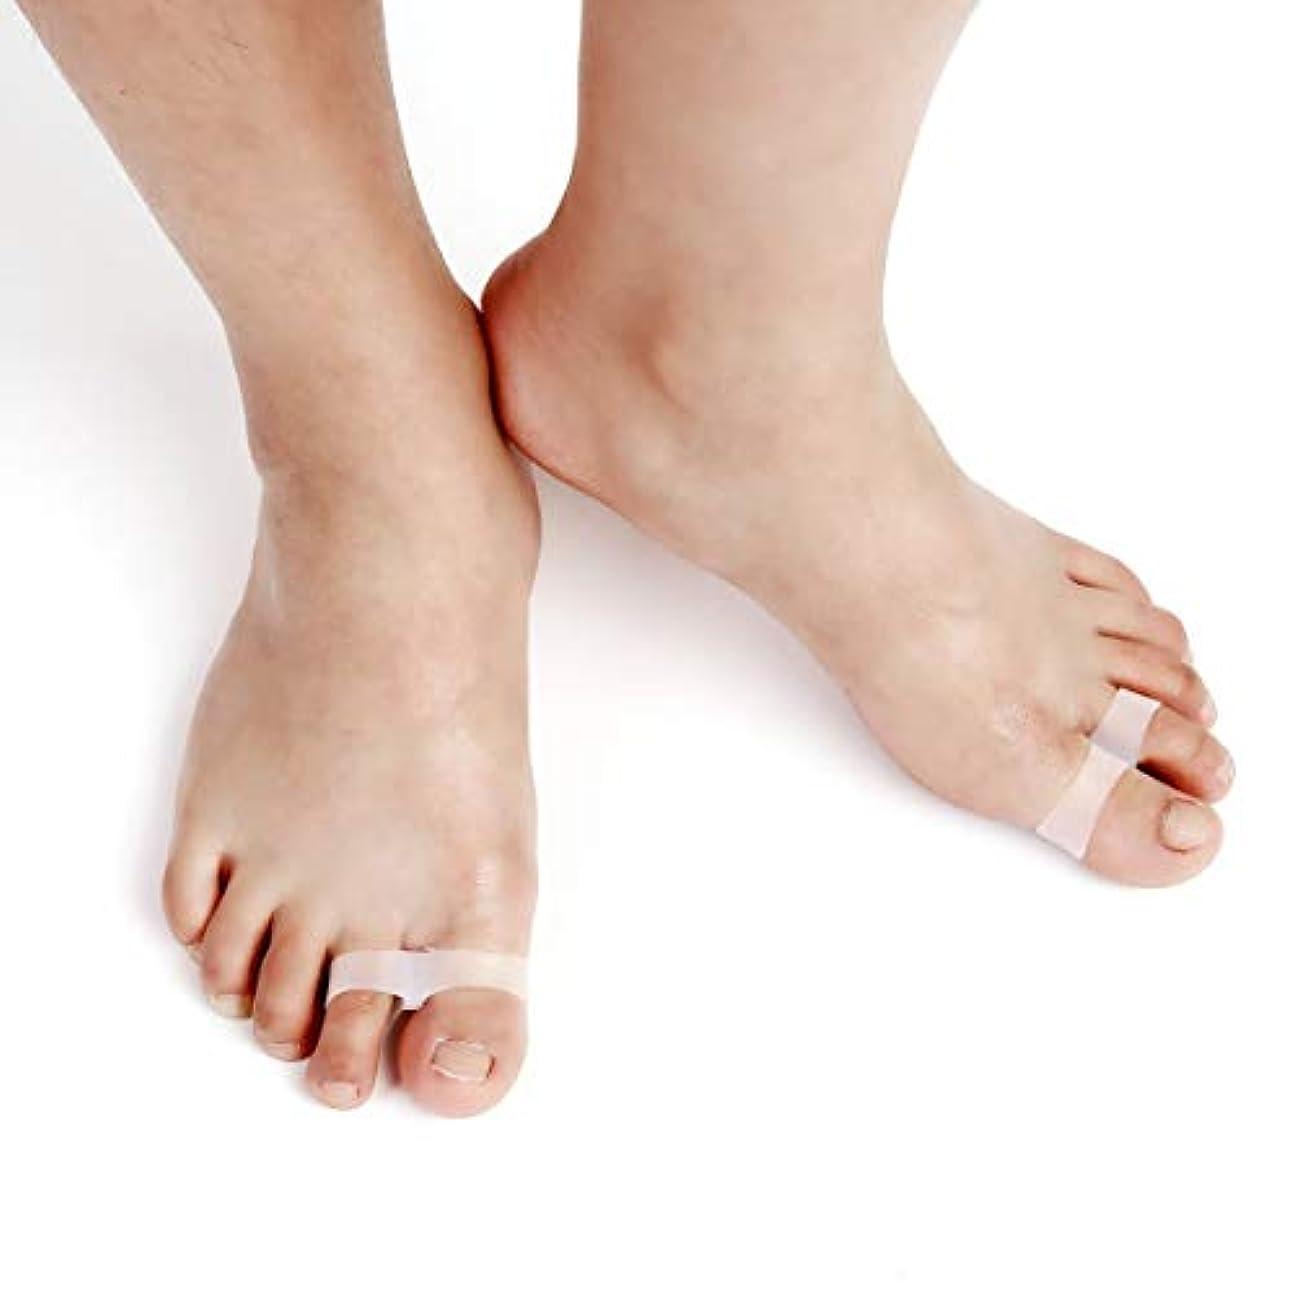 手当実現可能性吸い込む1ペアマグネット重量を失います新技術健康的なスリムな損失つま先リングステッカーシリコンフットマッサージフィート損失重量減少(白)